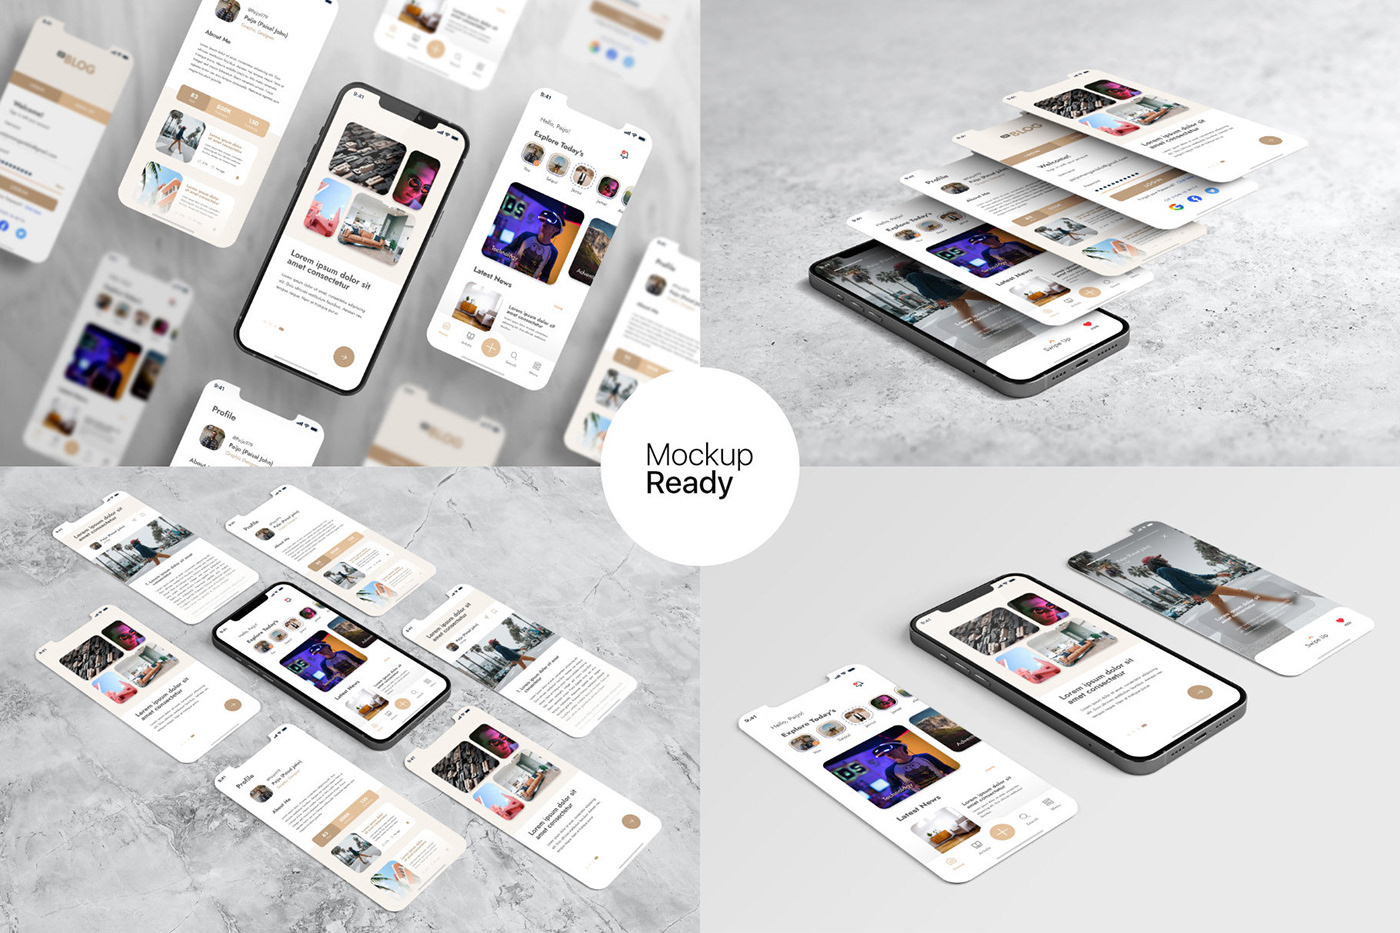 15个自适应网页APP界面设计苹果设备屏幕演示样机模板 UI/UX App Presentation – Phone & Notebook Mockup插图8